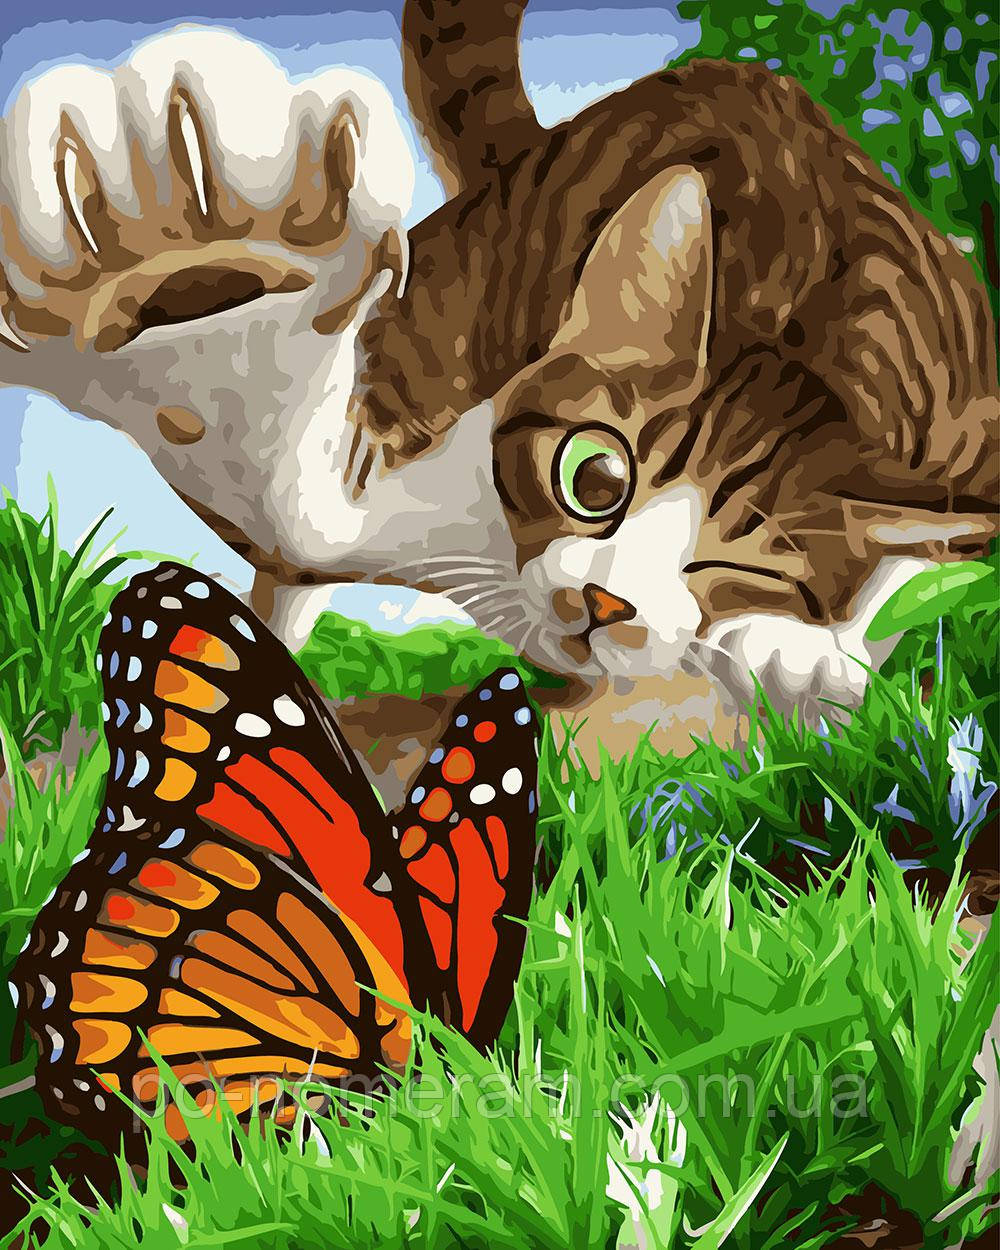 картина раскраска охотник на бабочек Bk Gx23546 40 х 50 см без коробки купить киев на Po Nomeram